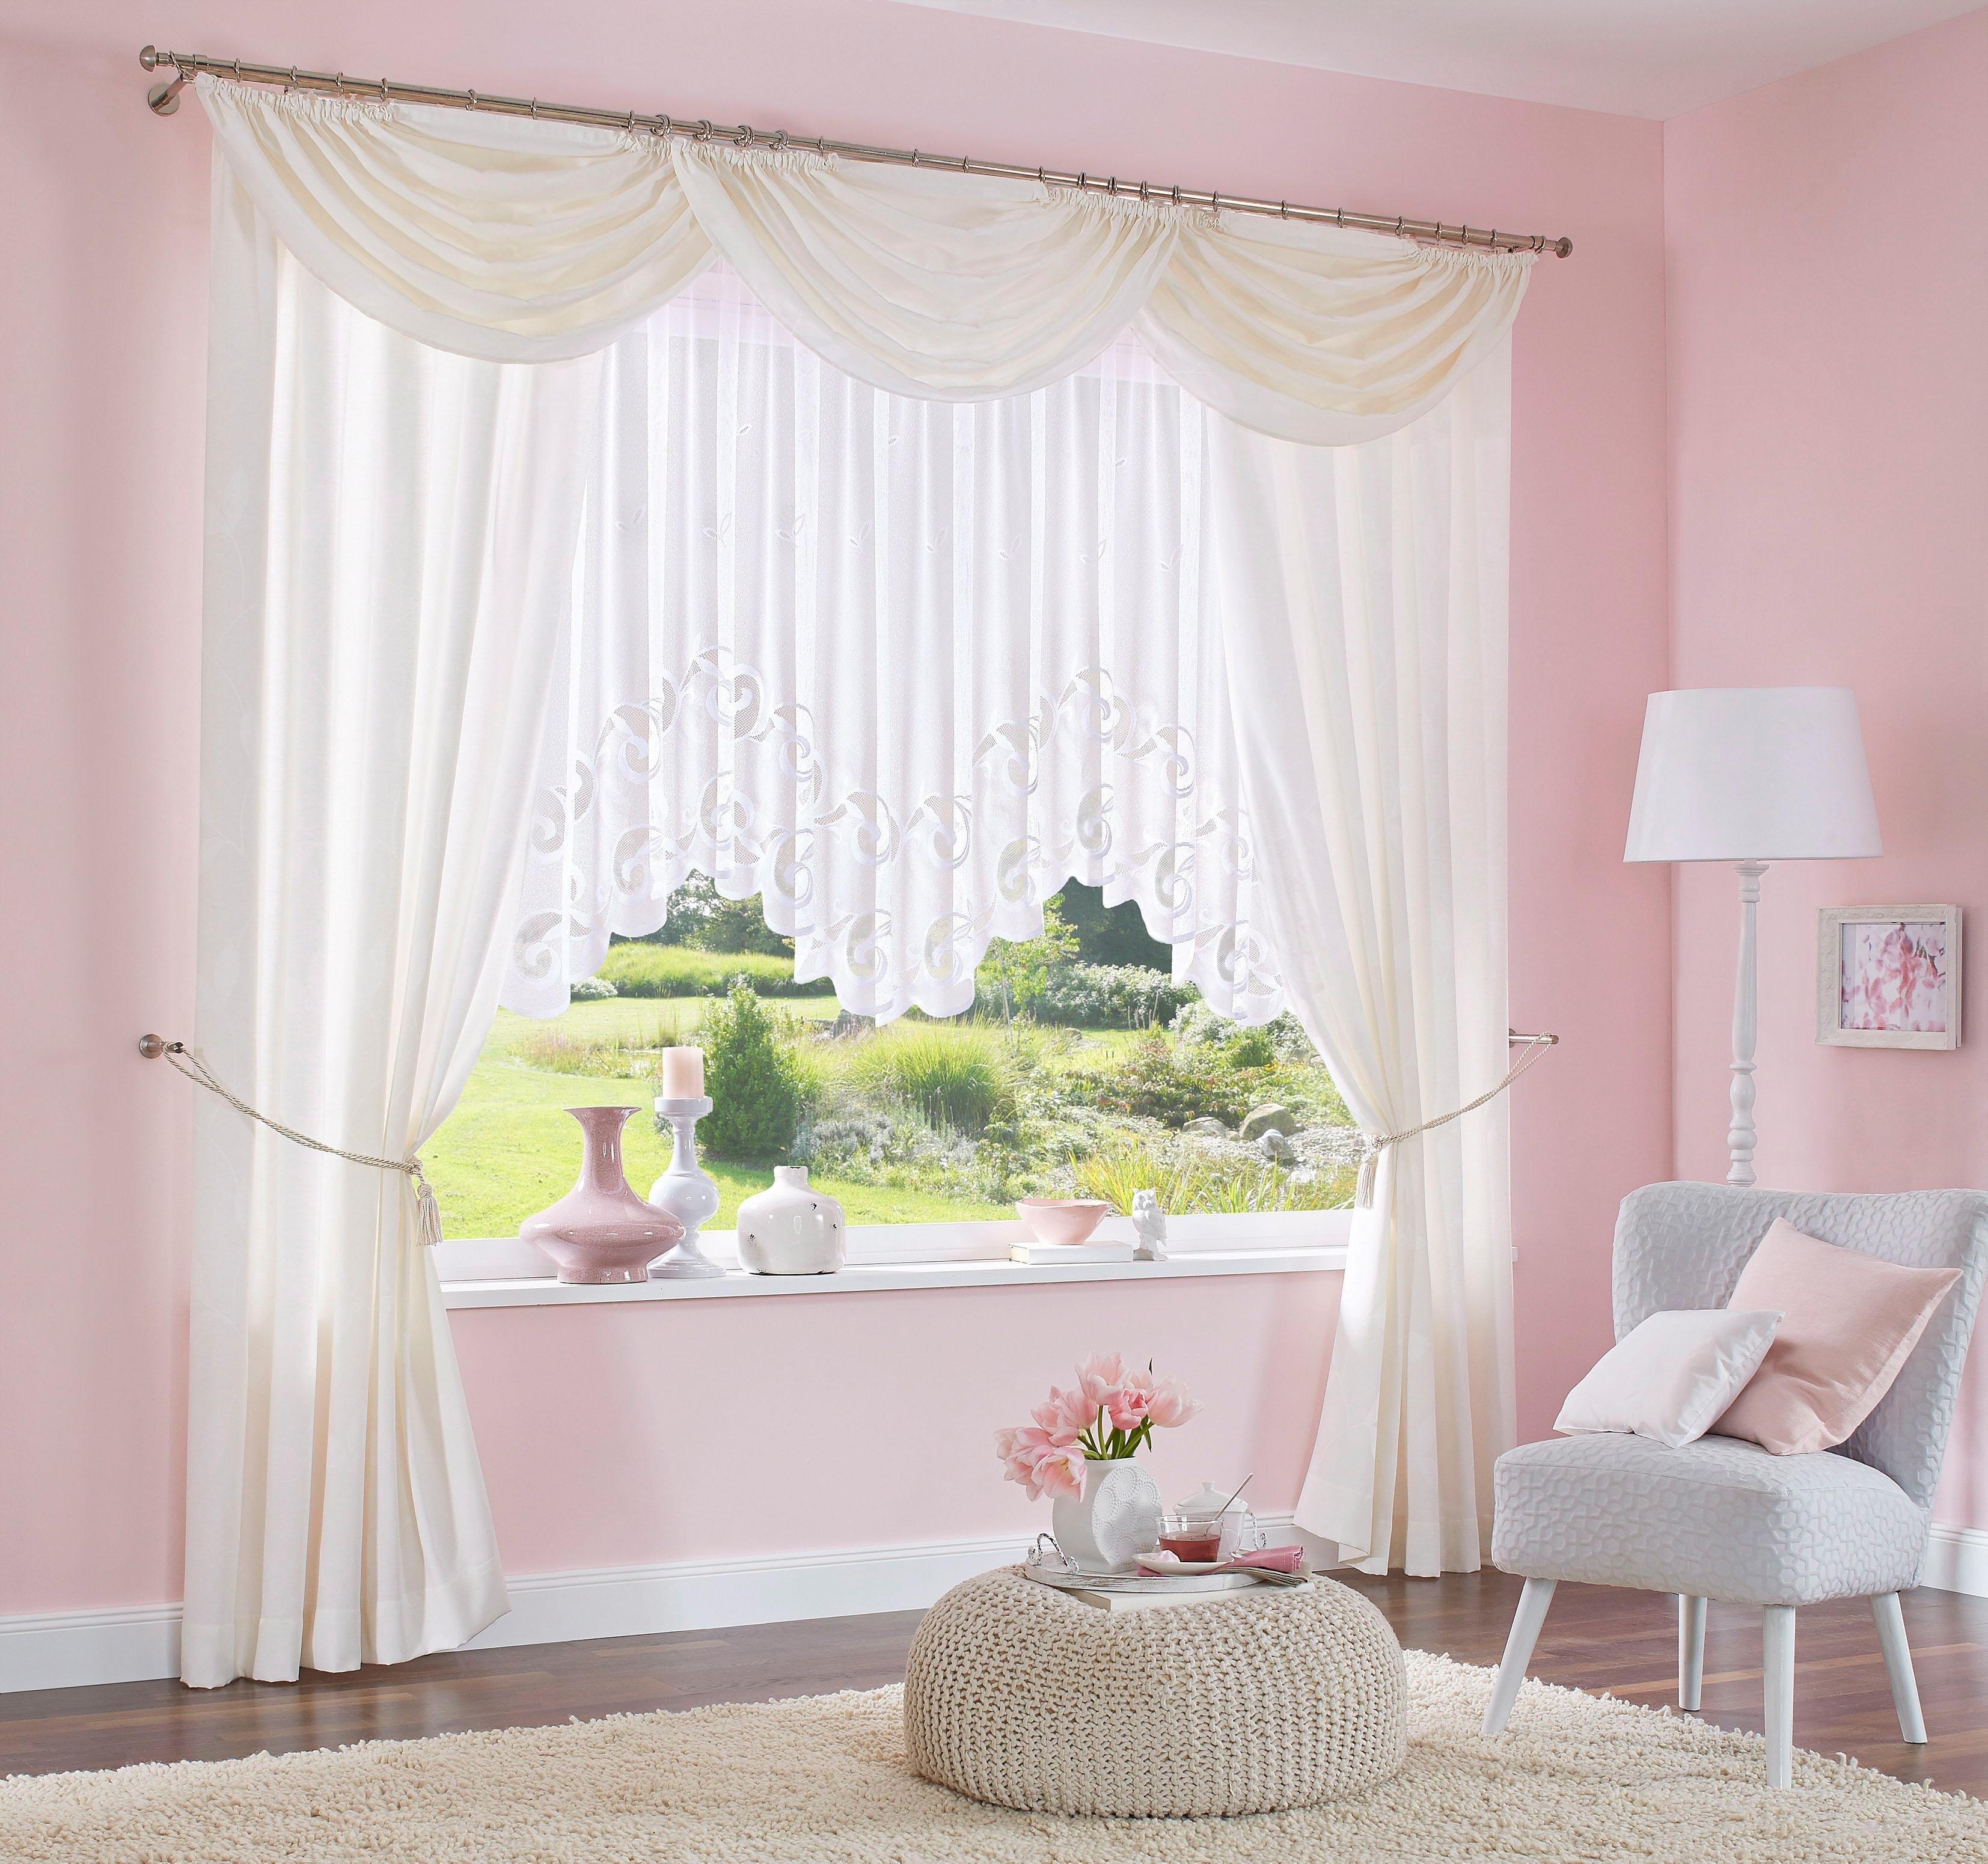 store home wohnideen 39 garmisch 39 per stuk makkelijk. Black Bedroom Furniture Sets. Home Design Ideas